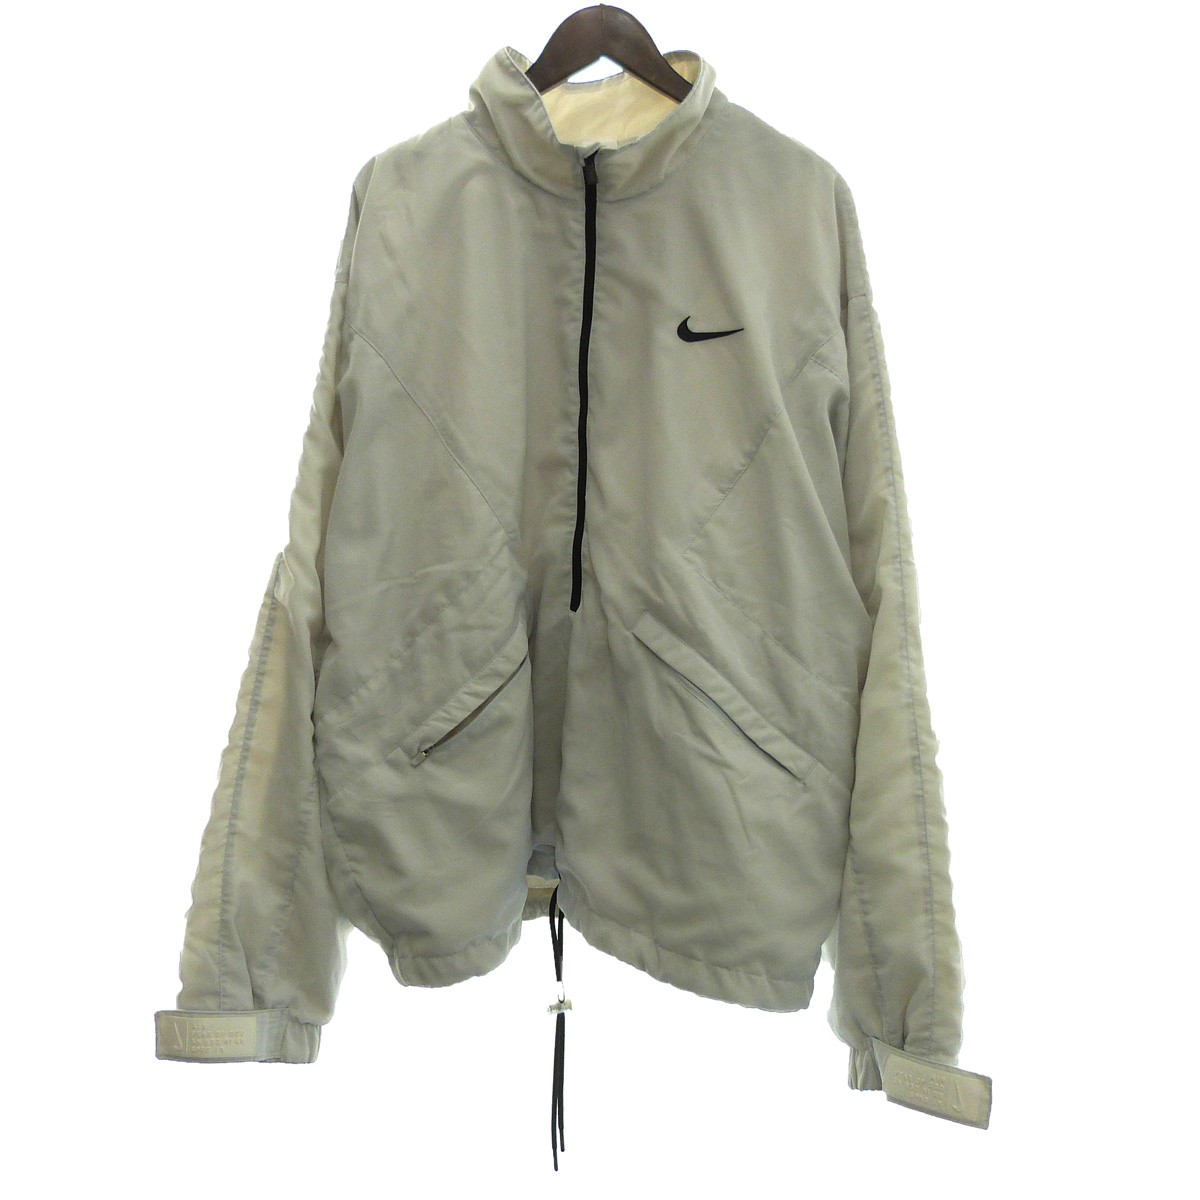 【中古】FEAR OF GOD×NIKE 19SS「Nrg A18 Halfzip Jacket」ハーフZIPジャケット グレー サイズ:L 【090220】(フィアオブゴッド ナイキ)